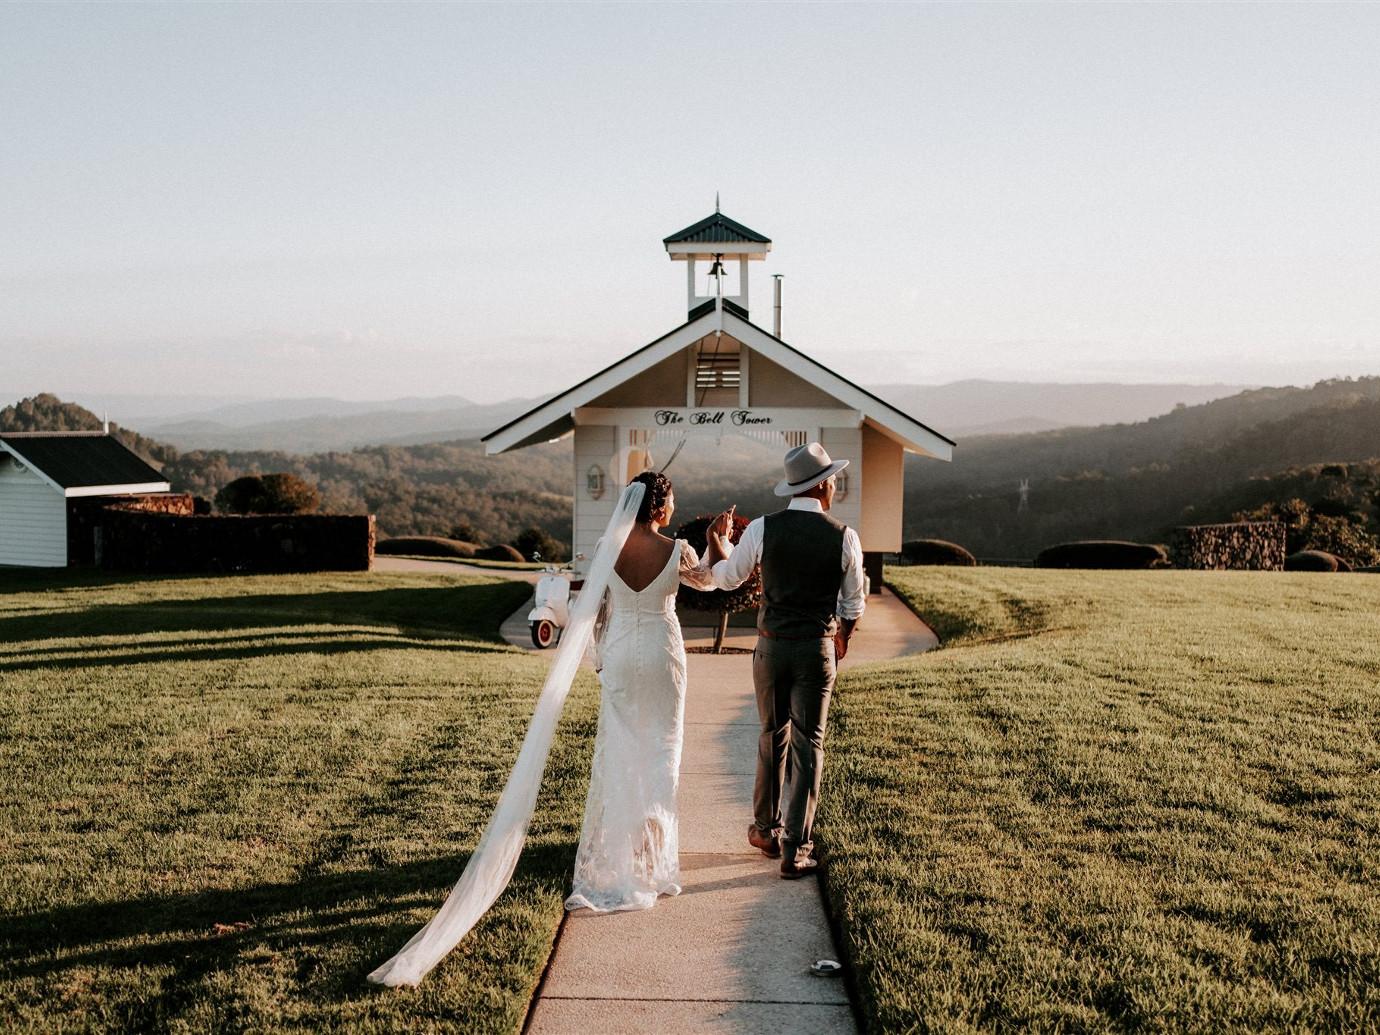 Hinterland-wedding-venue